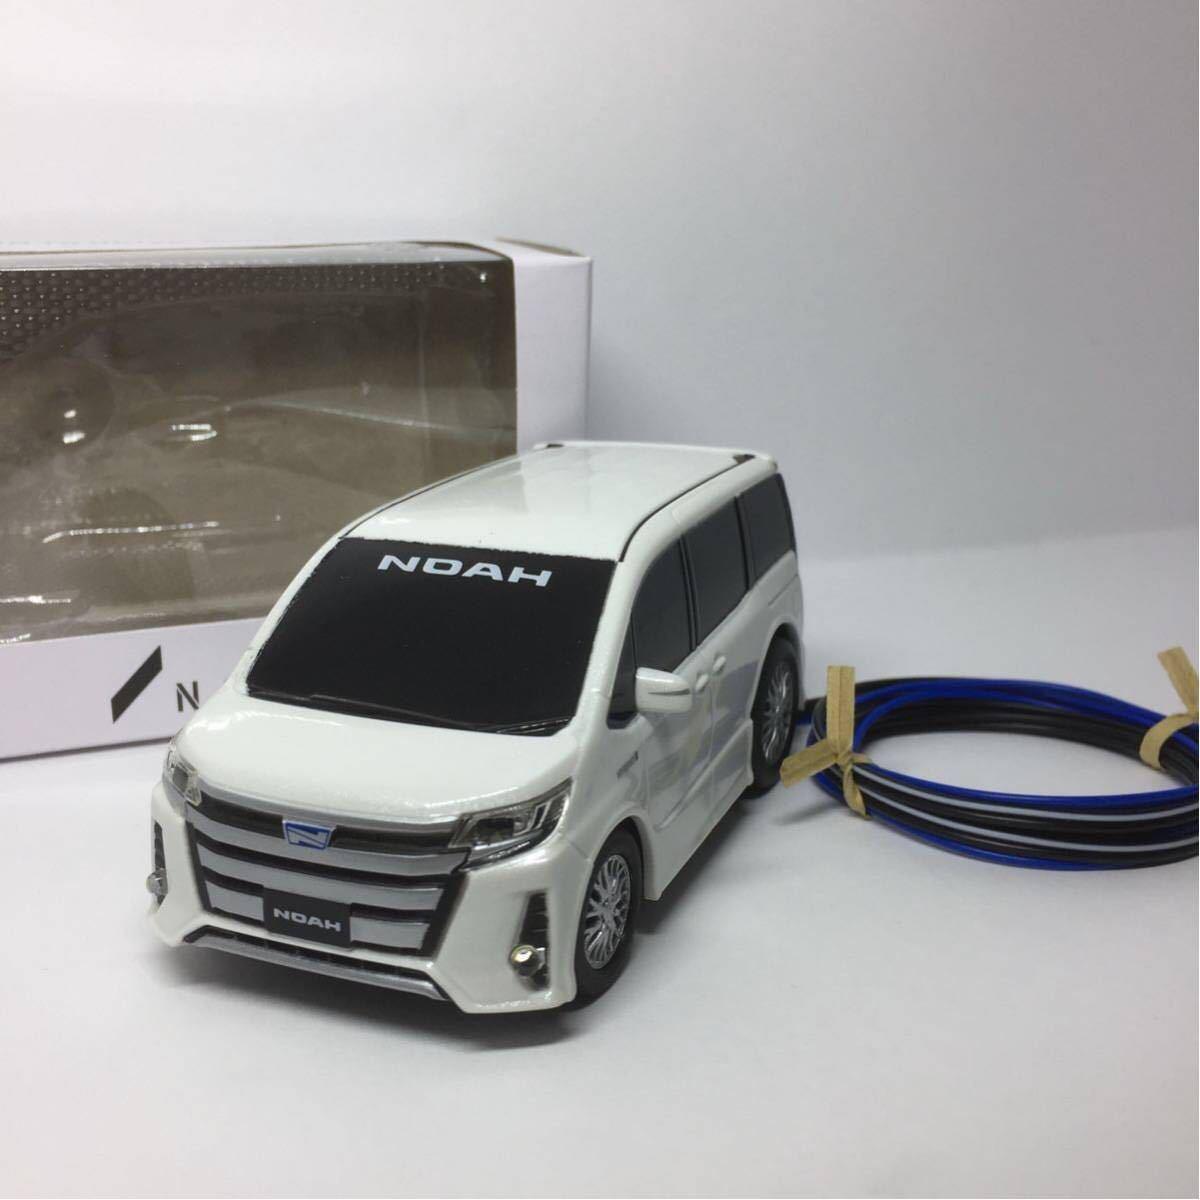 80系 ノア ハイブリッド ホワイト LED セキュリティ スキャナー プルバックカー ミニカー カラーサンプル_画像2